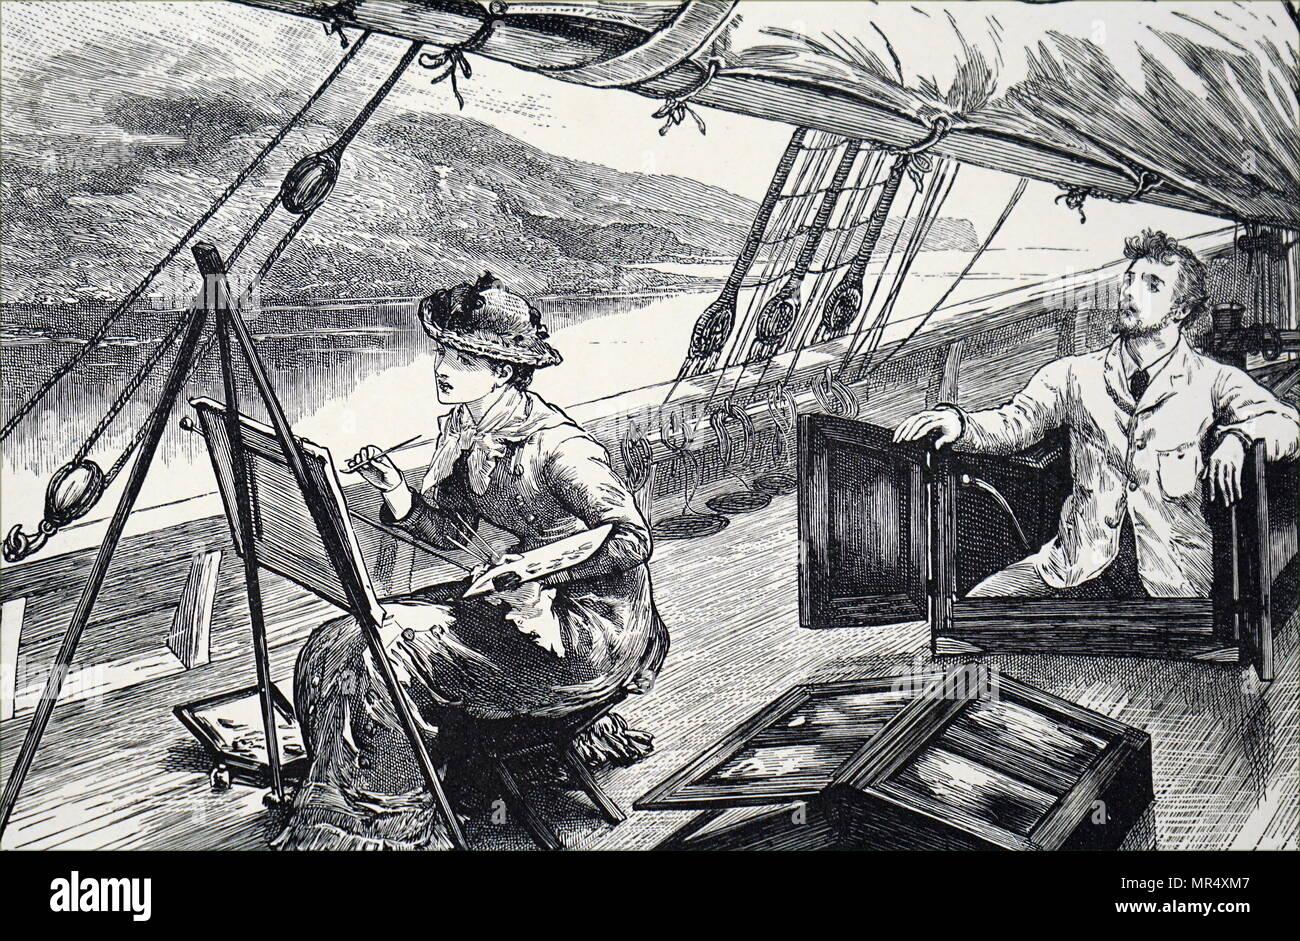 Illustration représentant une jeune femme peinture sur le pont d'un bateau qu'il navigue sur une rivière. En date du 19e siècle Photo Stock